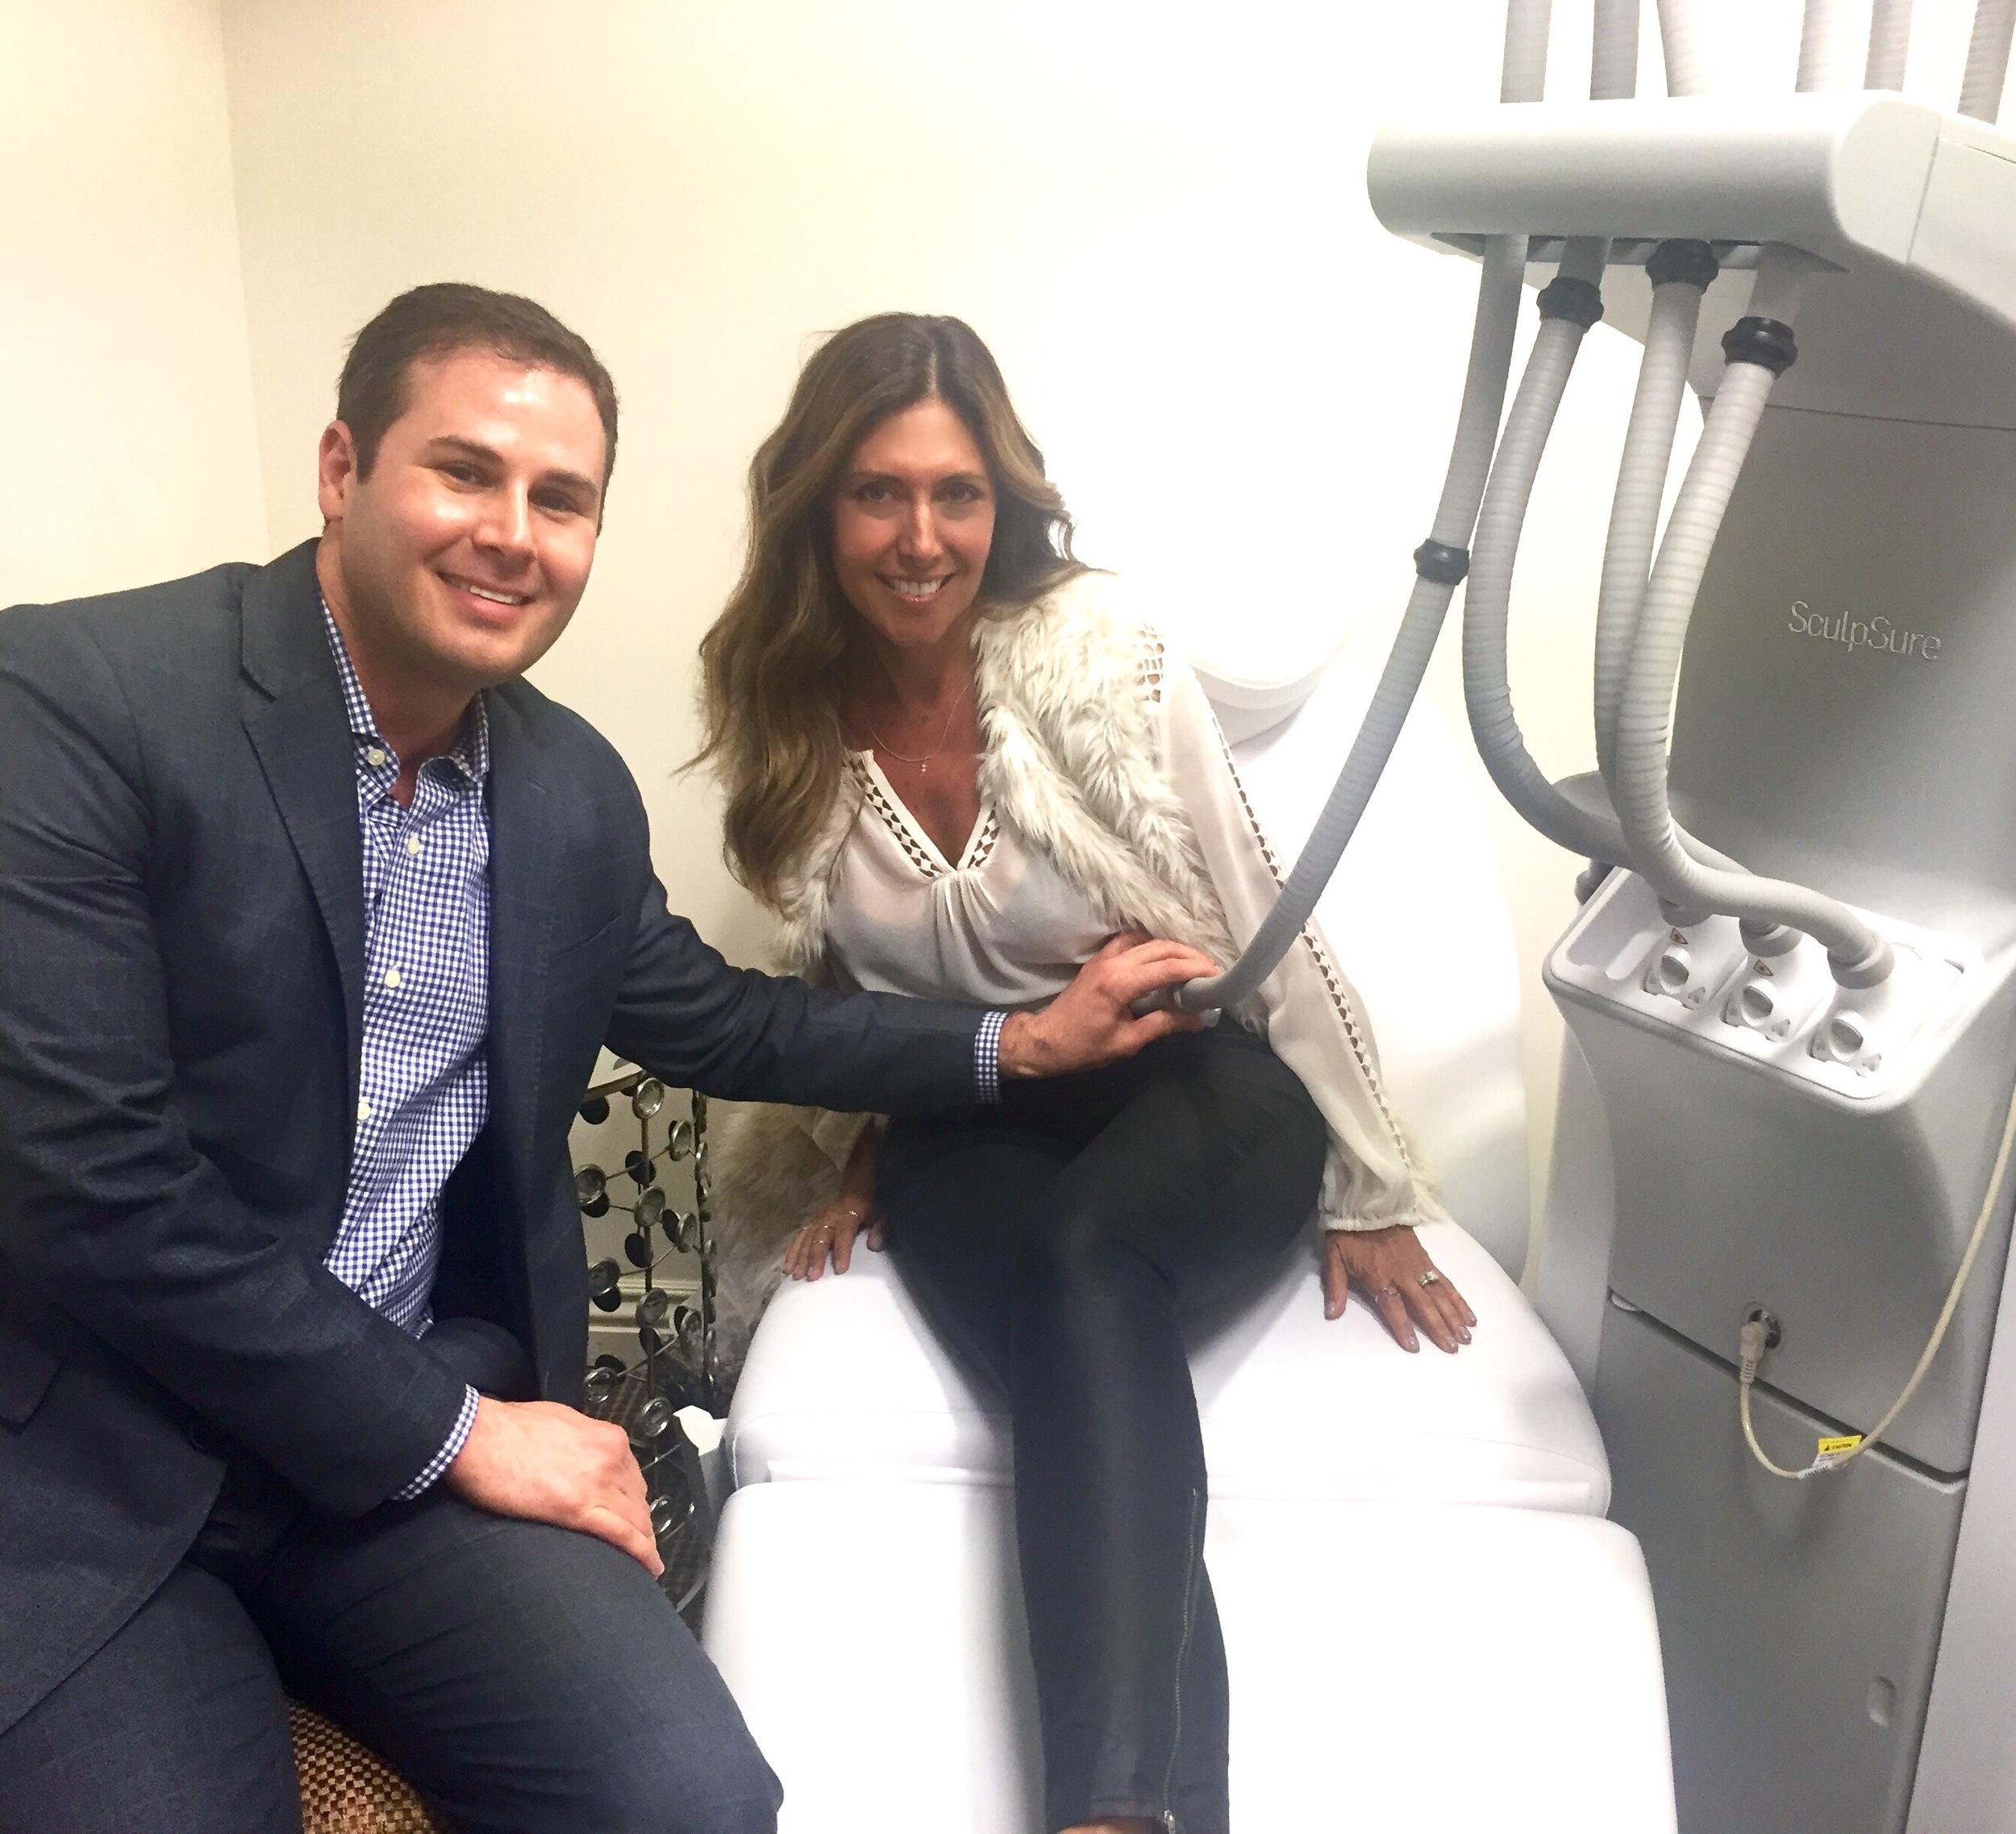 With Dr. Jaime Schwartz